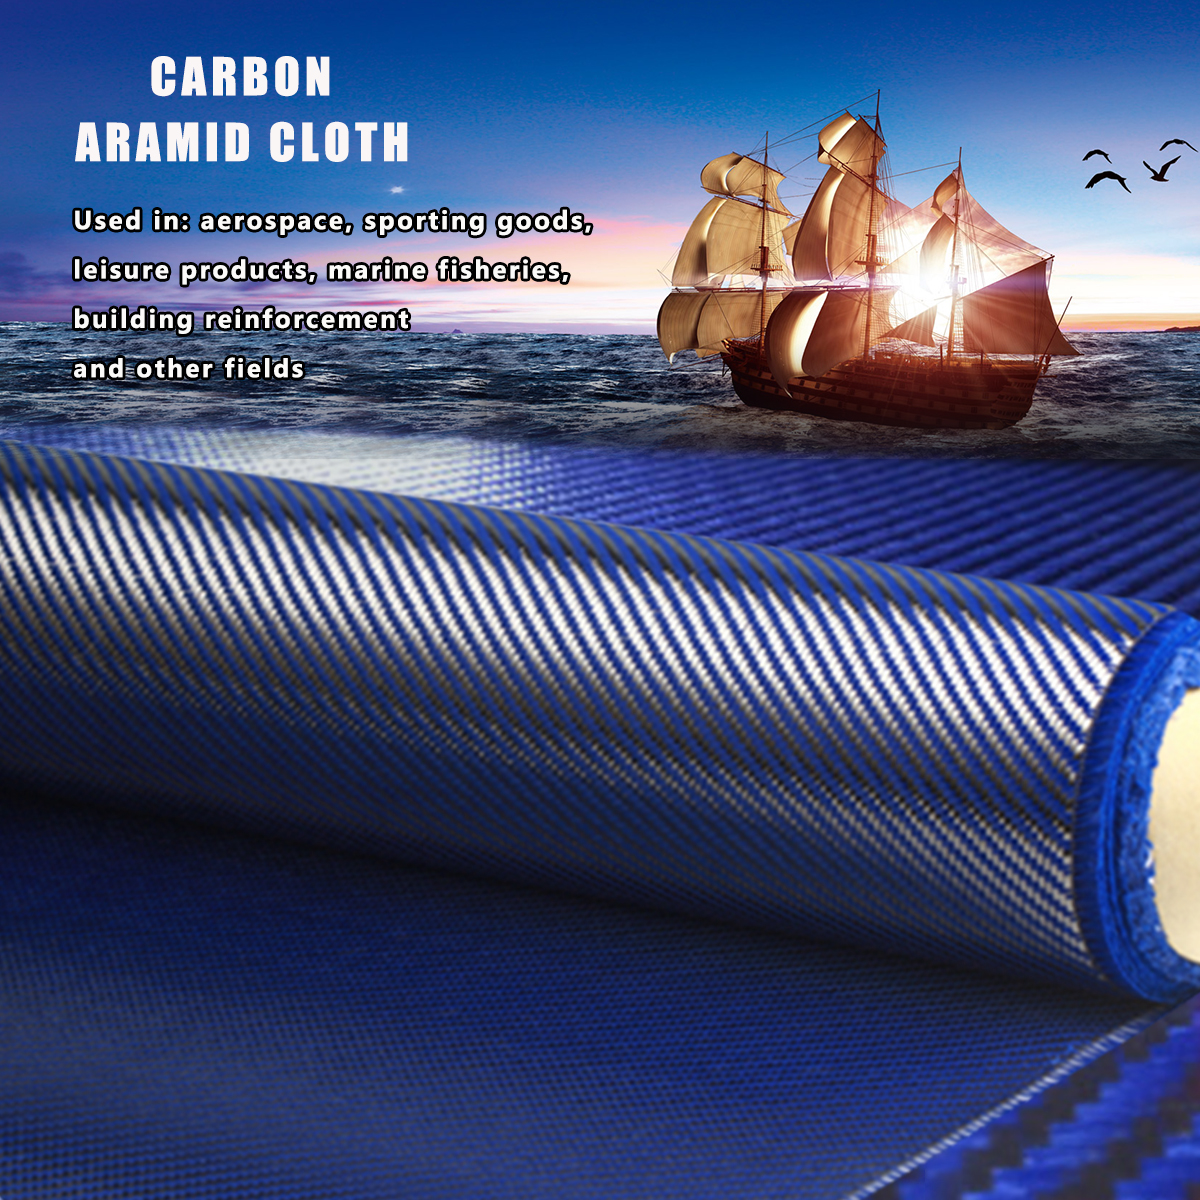 30x100cm 200gsm Carbon Fiber Blue Mixed Fabric Carbon Twill Aramid Cloth Flim